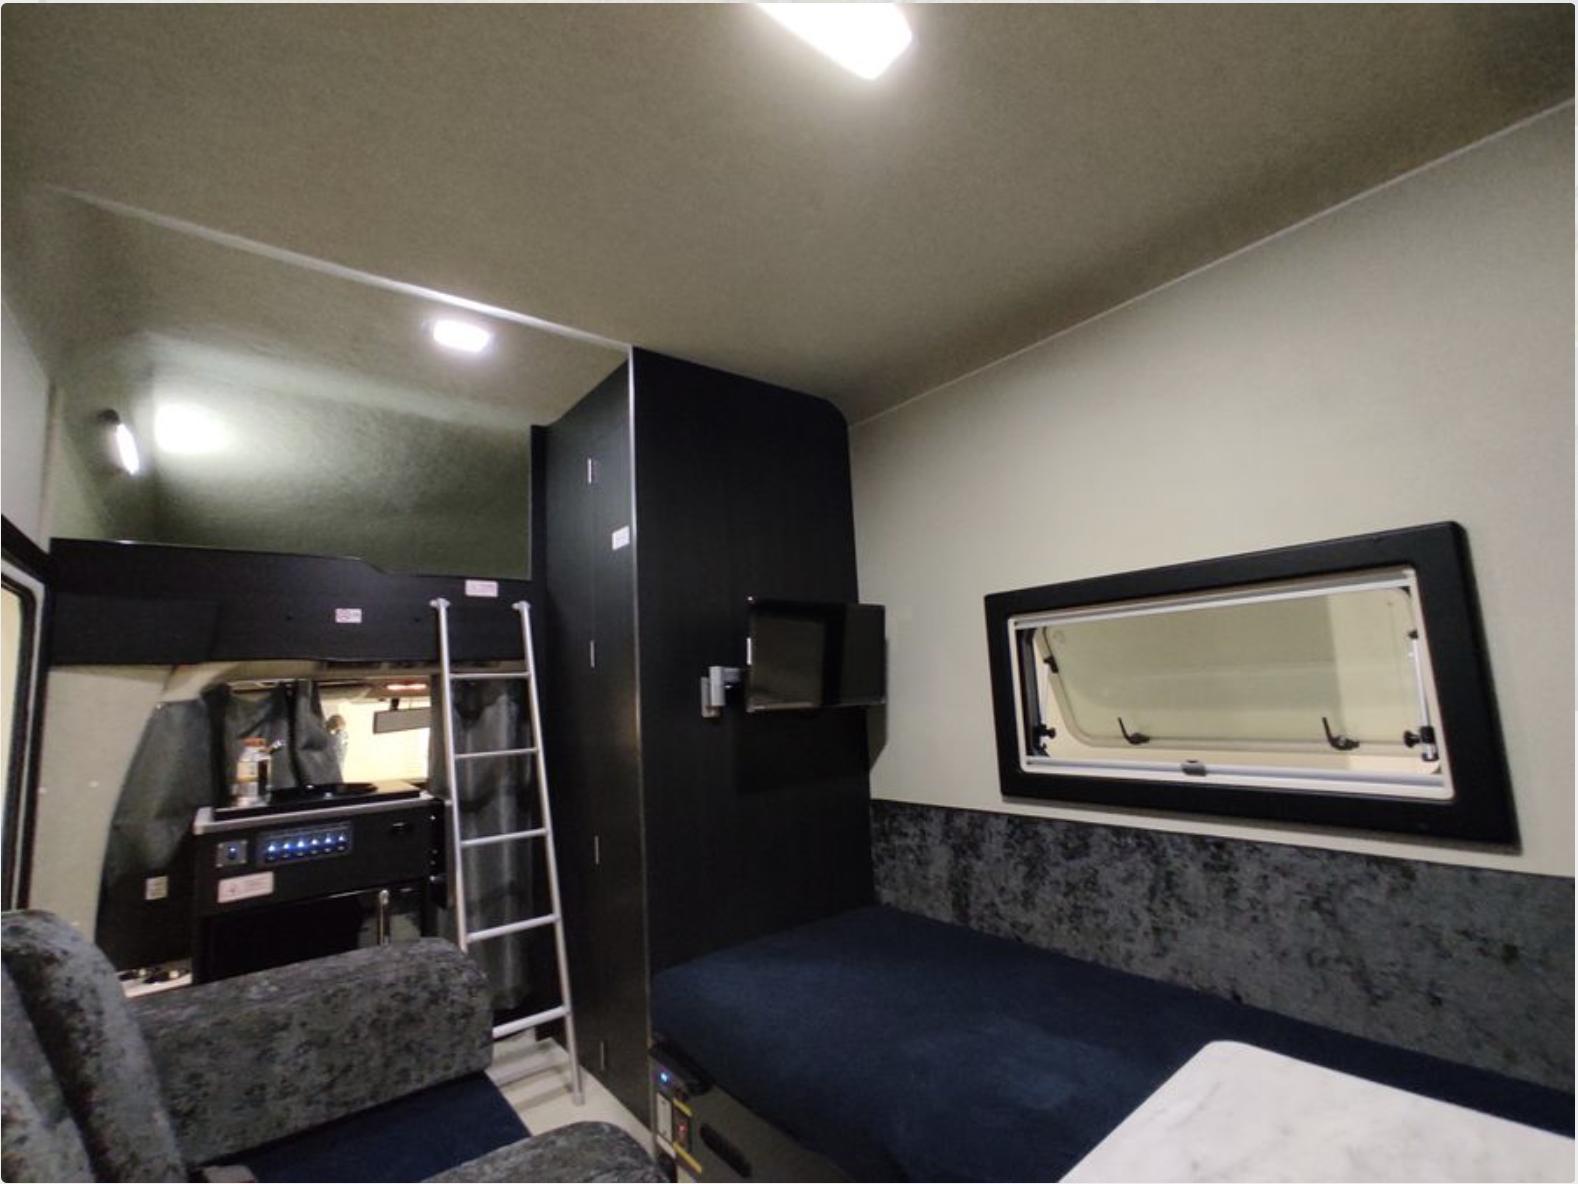 社内はホテルのような内装で、テレビもついています